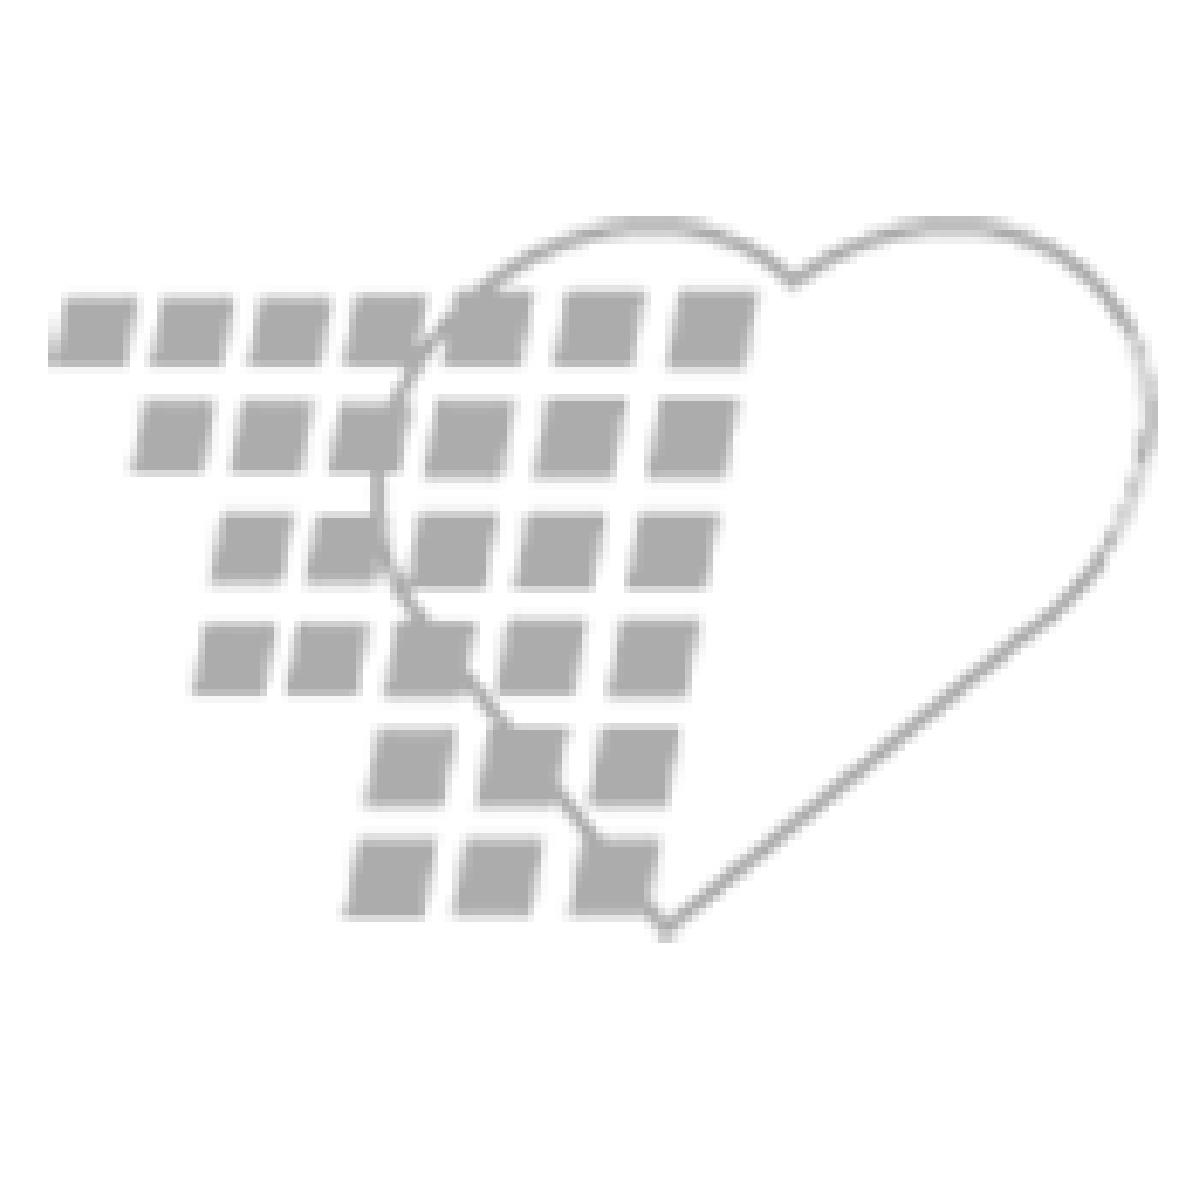 06-93-6001 - Demo Dose® Simulated Blood O Negative